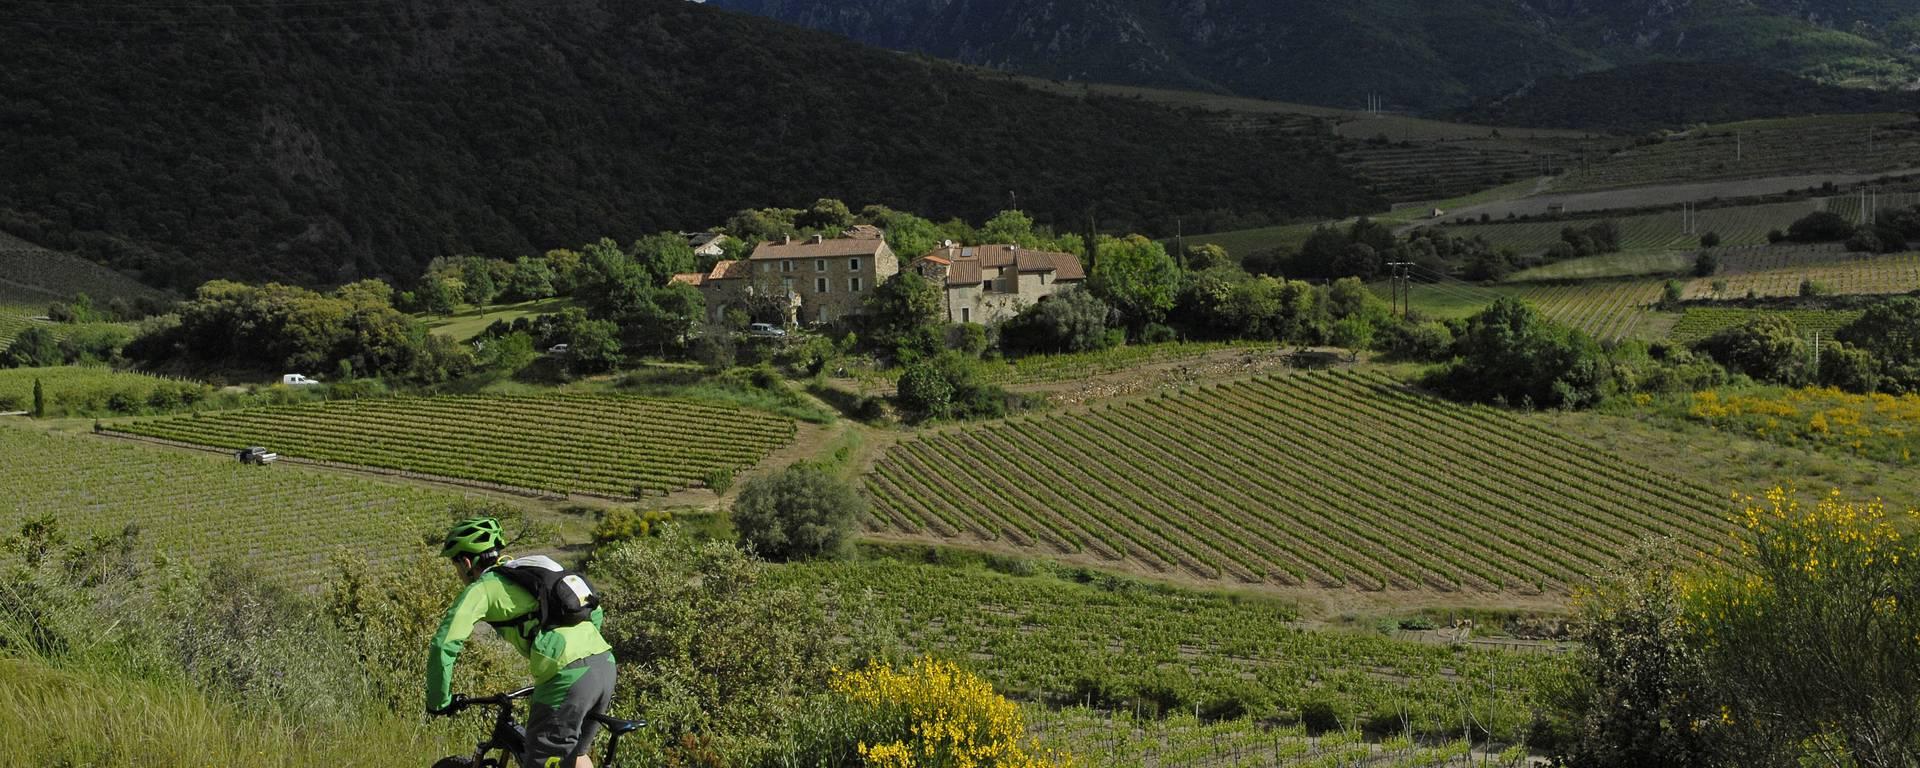 Au coeur des vignobles©OTI Minervois caroux